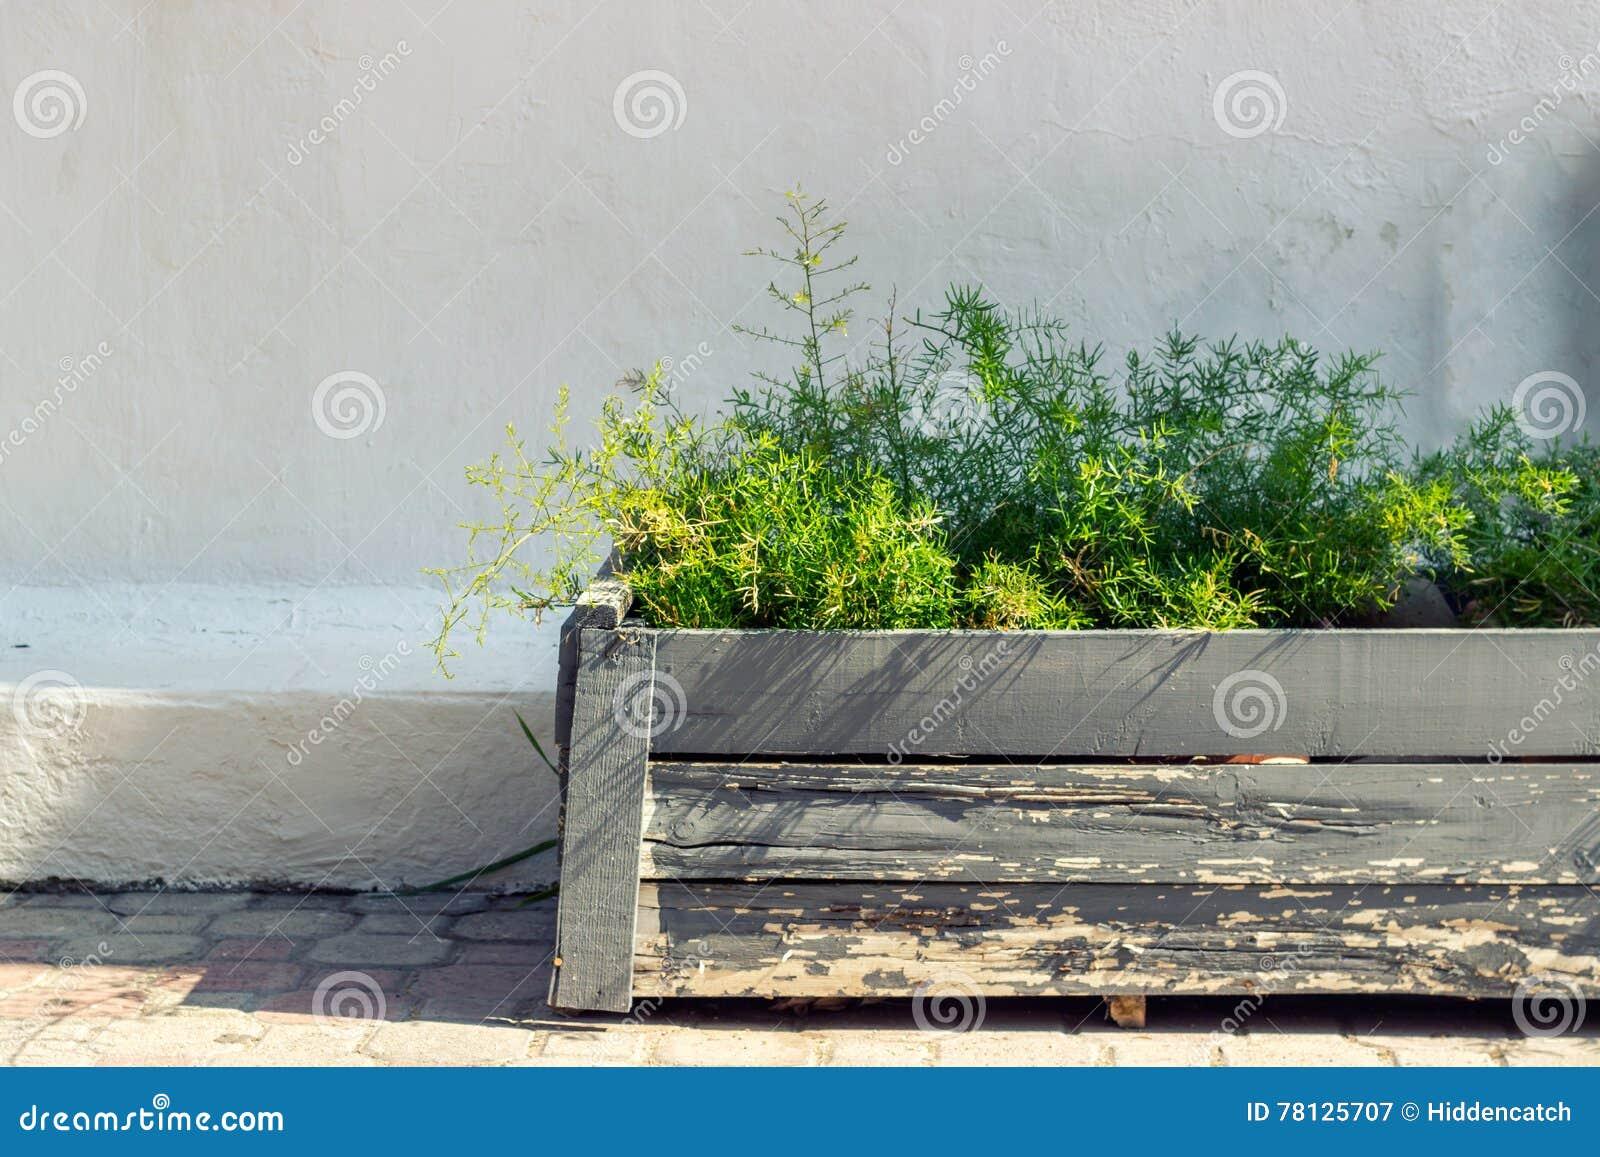 blumentopf gegen weiße wand stockbild - bild von flowerpot, farbe